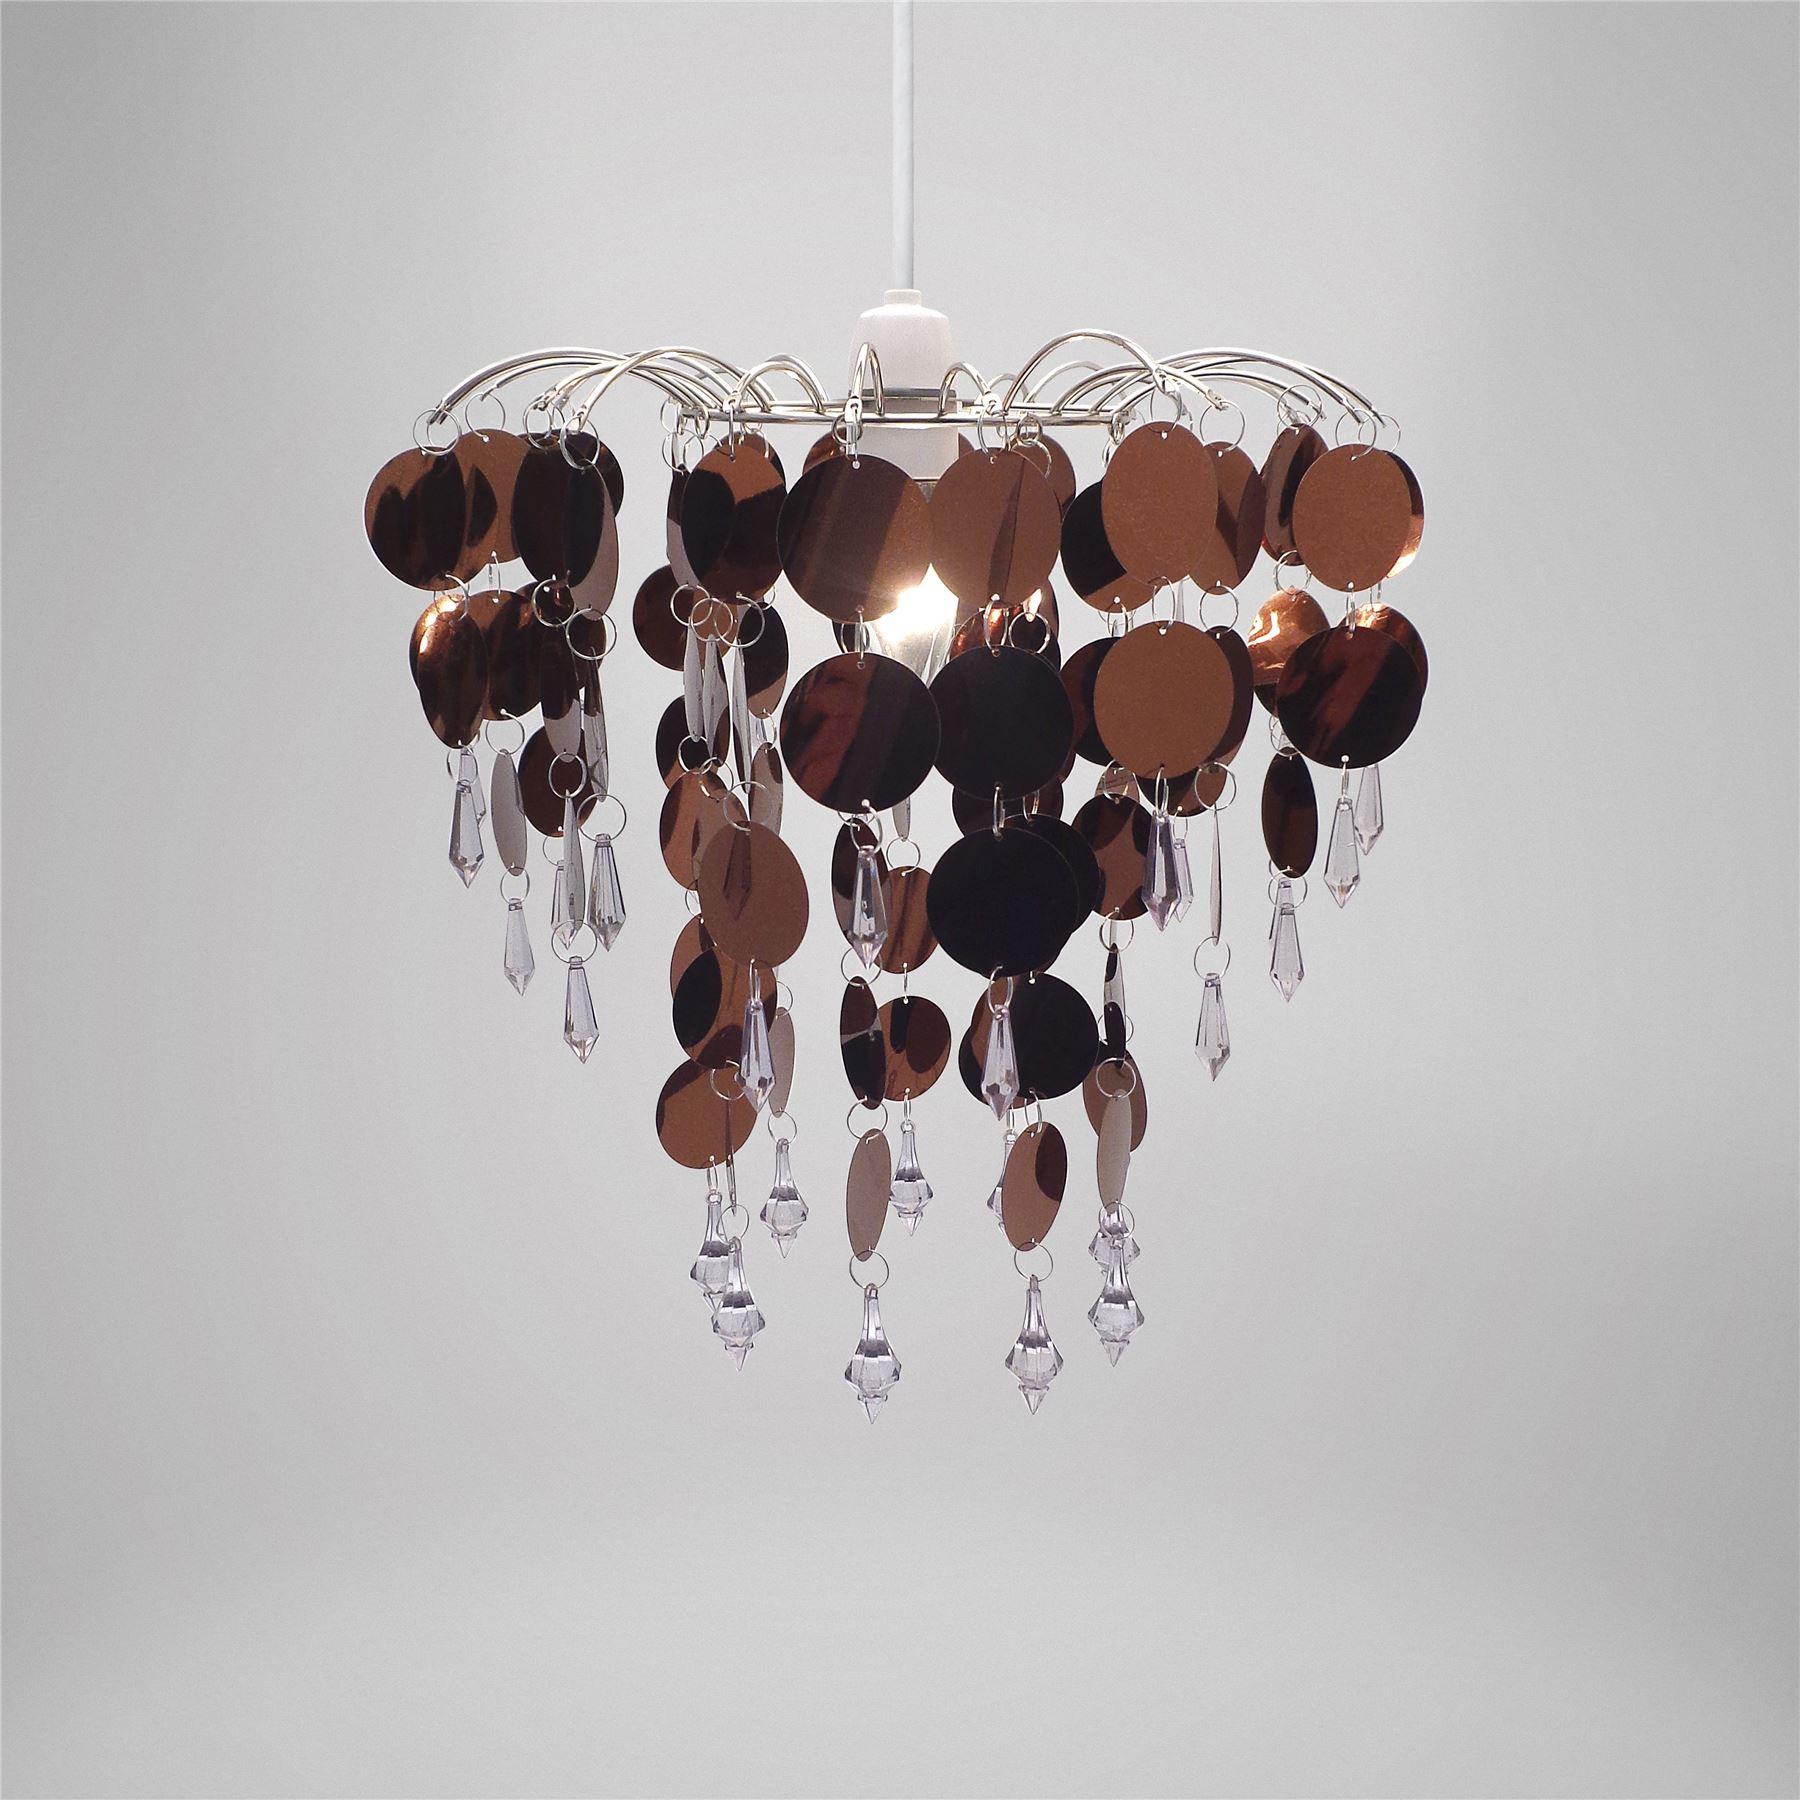 Easy fit chandelier ceiling pendant light shade 32 cm chic black easy fit chandelier ceiling pendant light shade 32 aloadofball Gallery